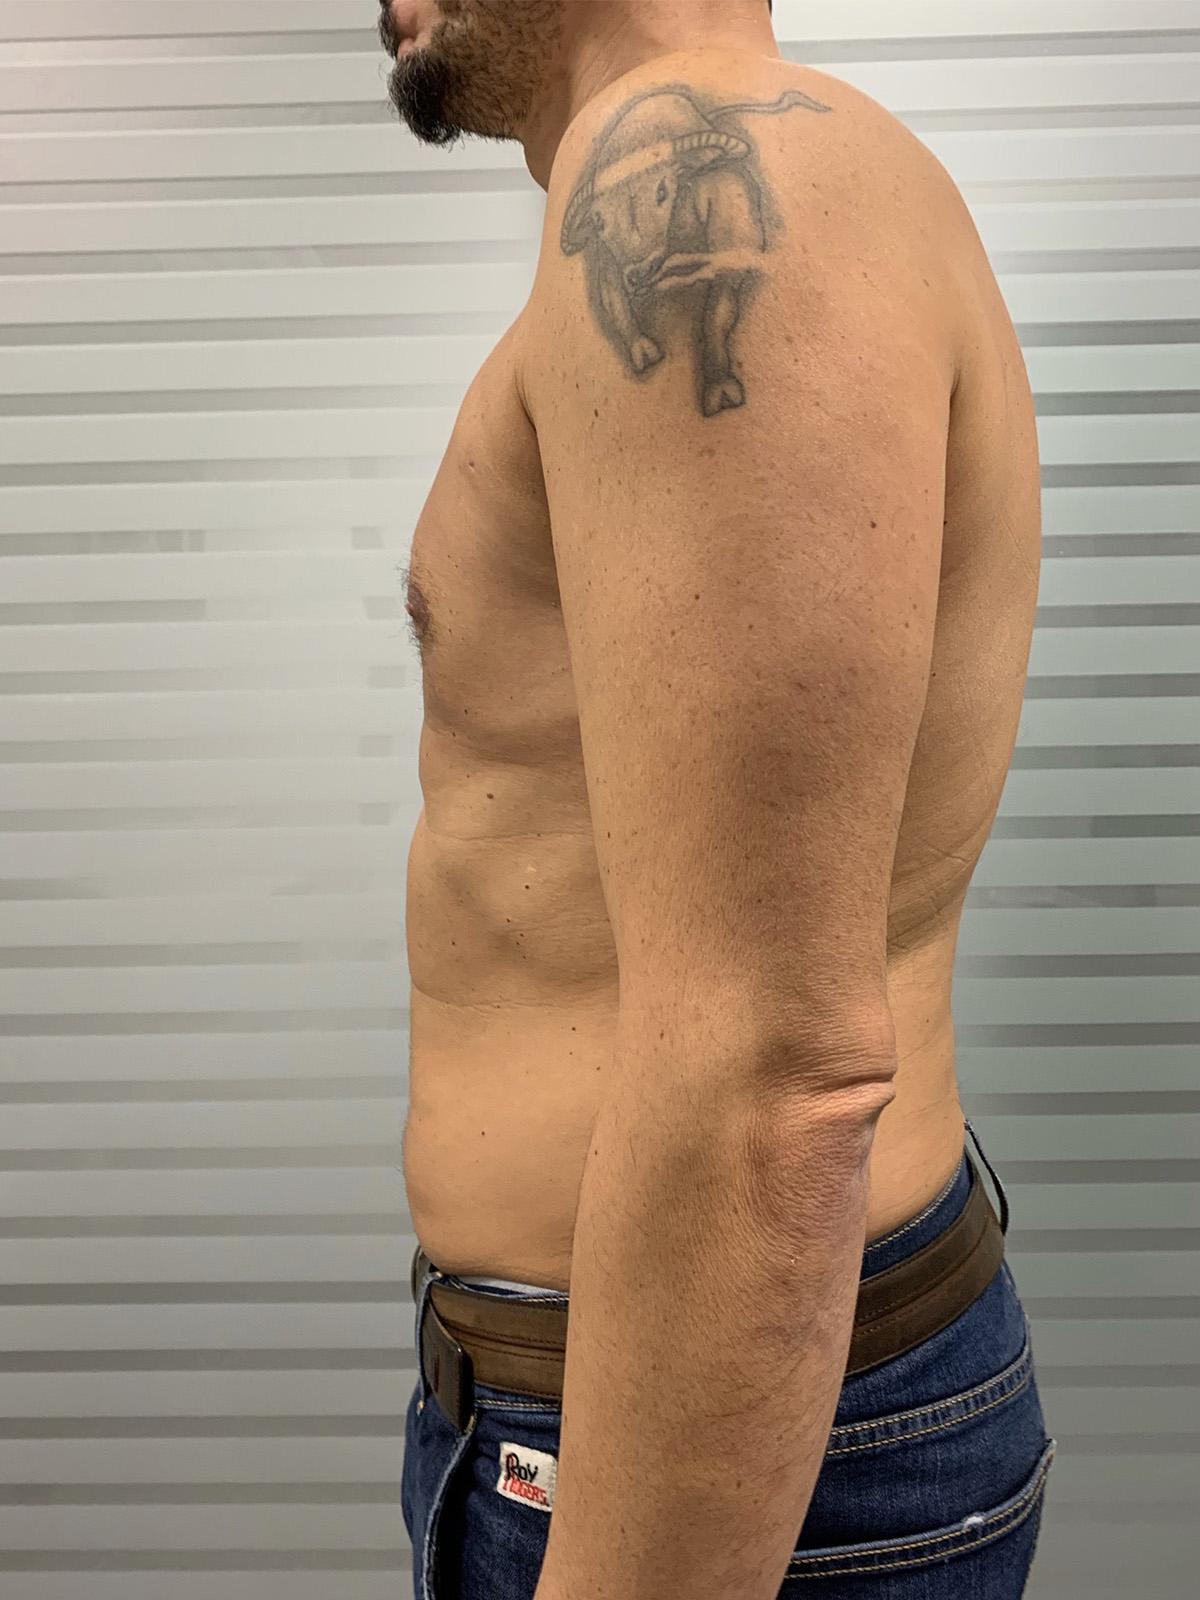 Ginecomastia Uomo - Dott. Obbialero Chirurgo Plastico a Torino